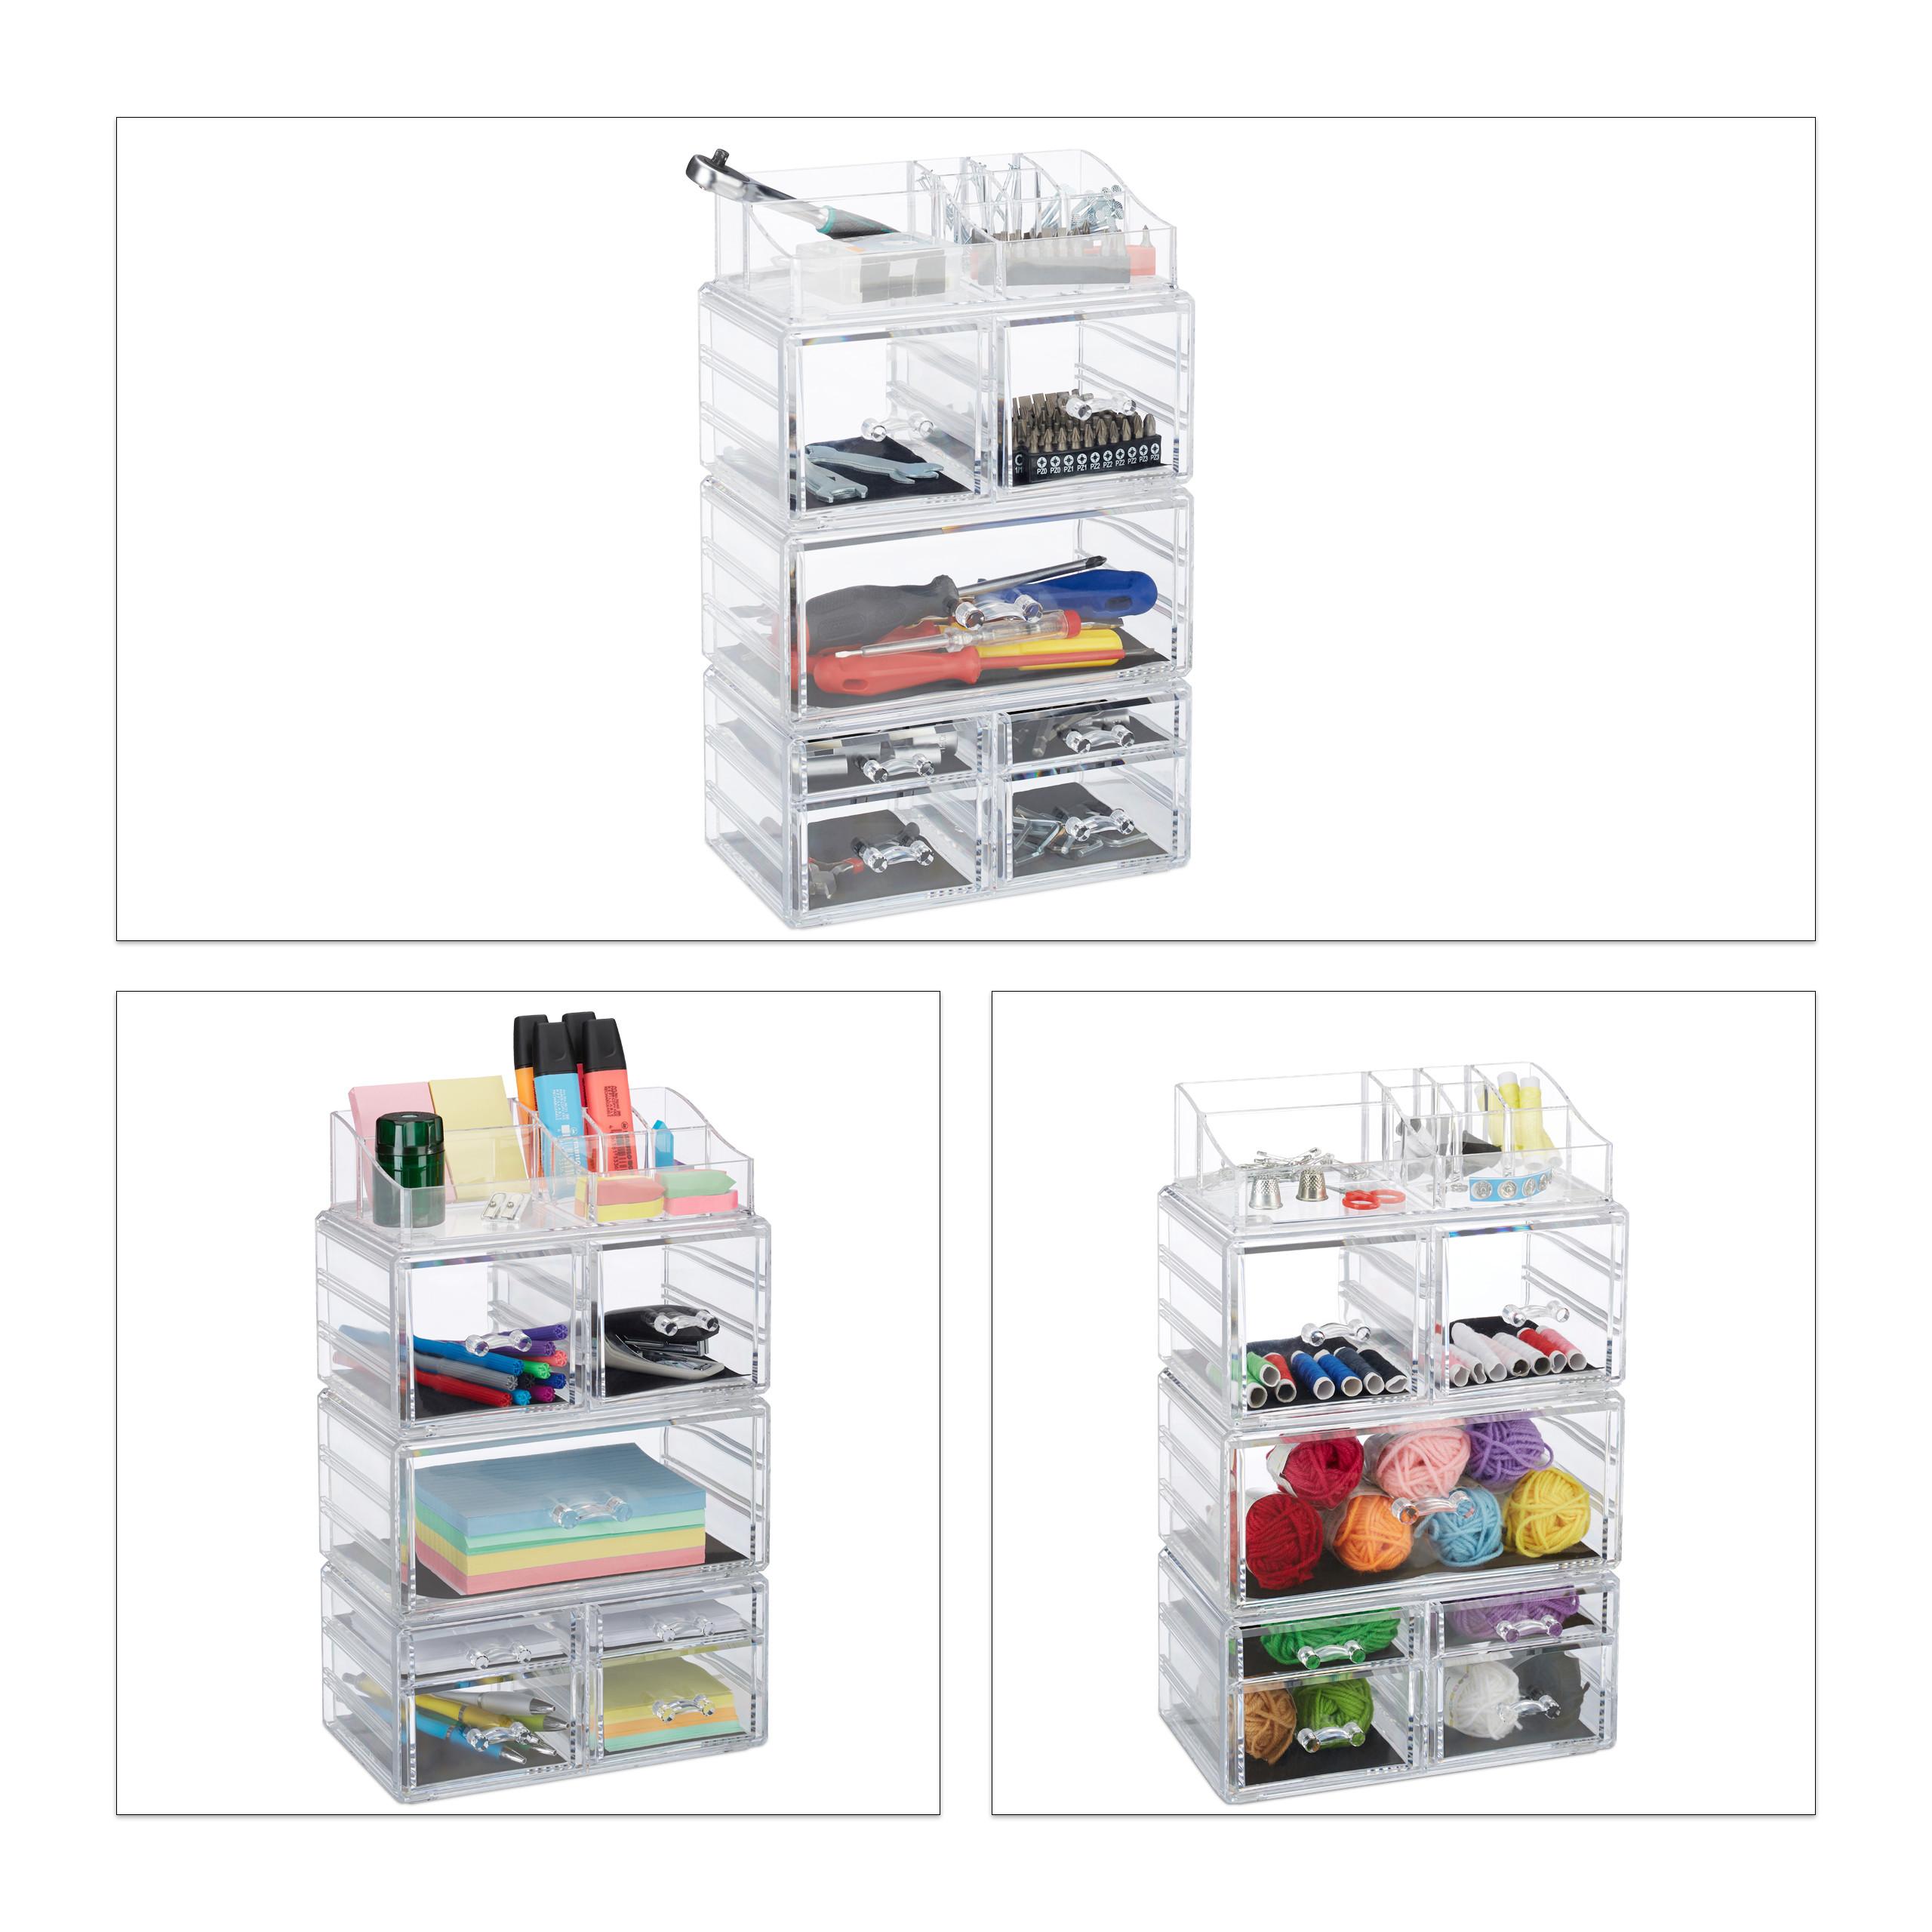 Make-Up-Organizer-hoch-Kosmetik-Tower-mit-Schubladen-Make-Up-Stander-stapelbar miniatura 4